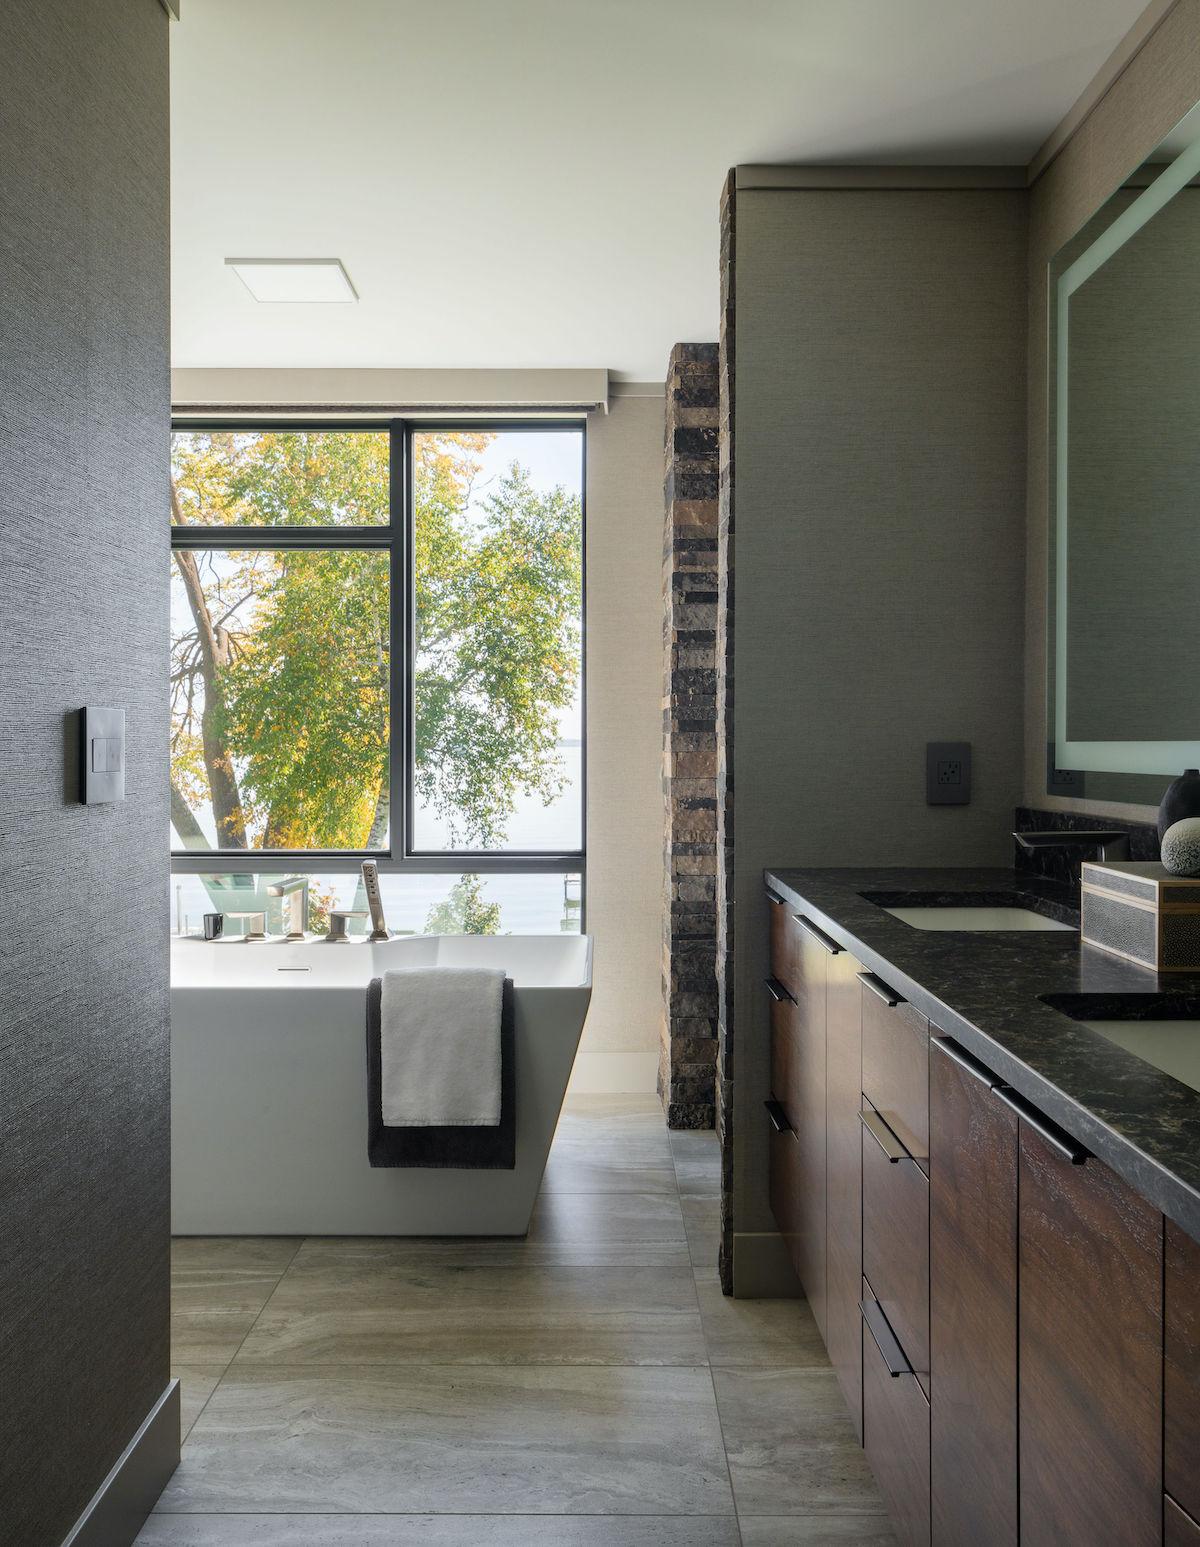 bathroom with tub by windows